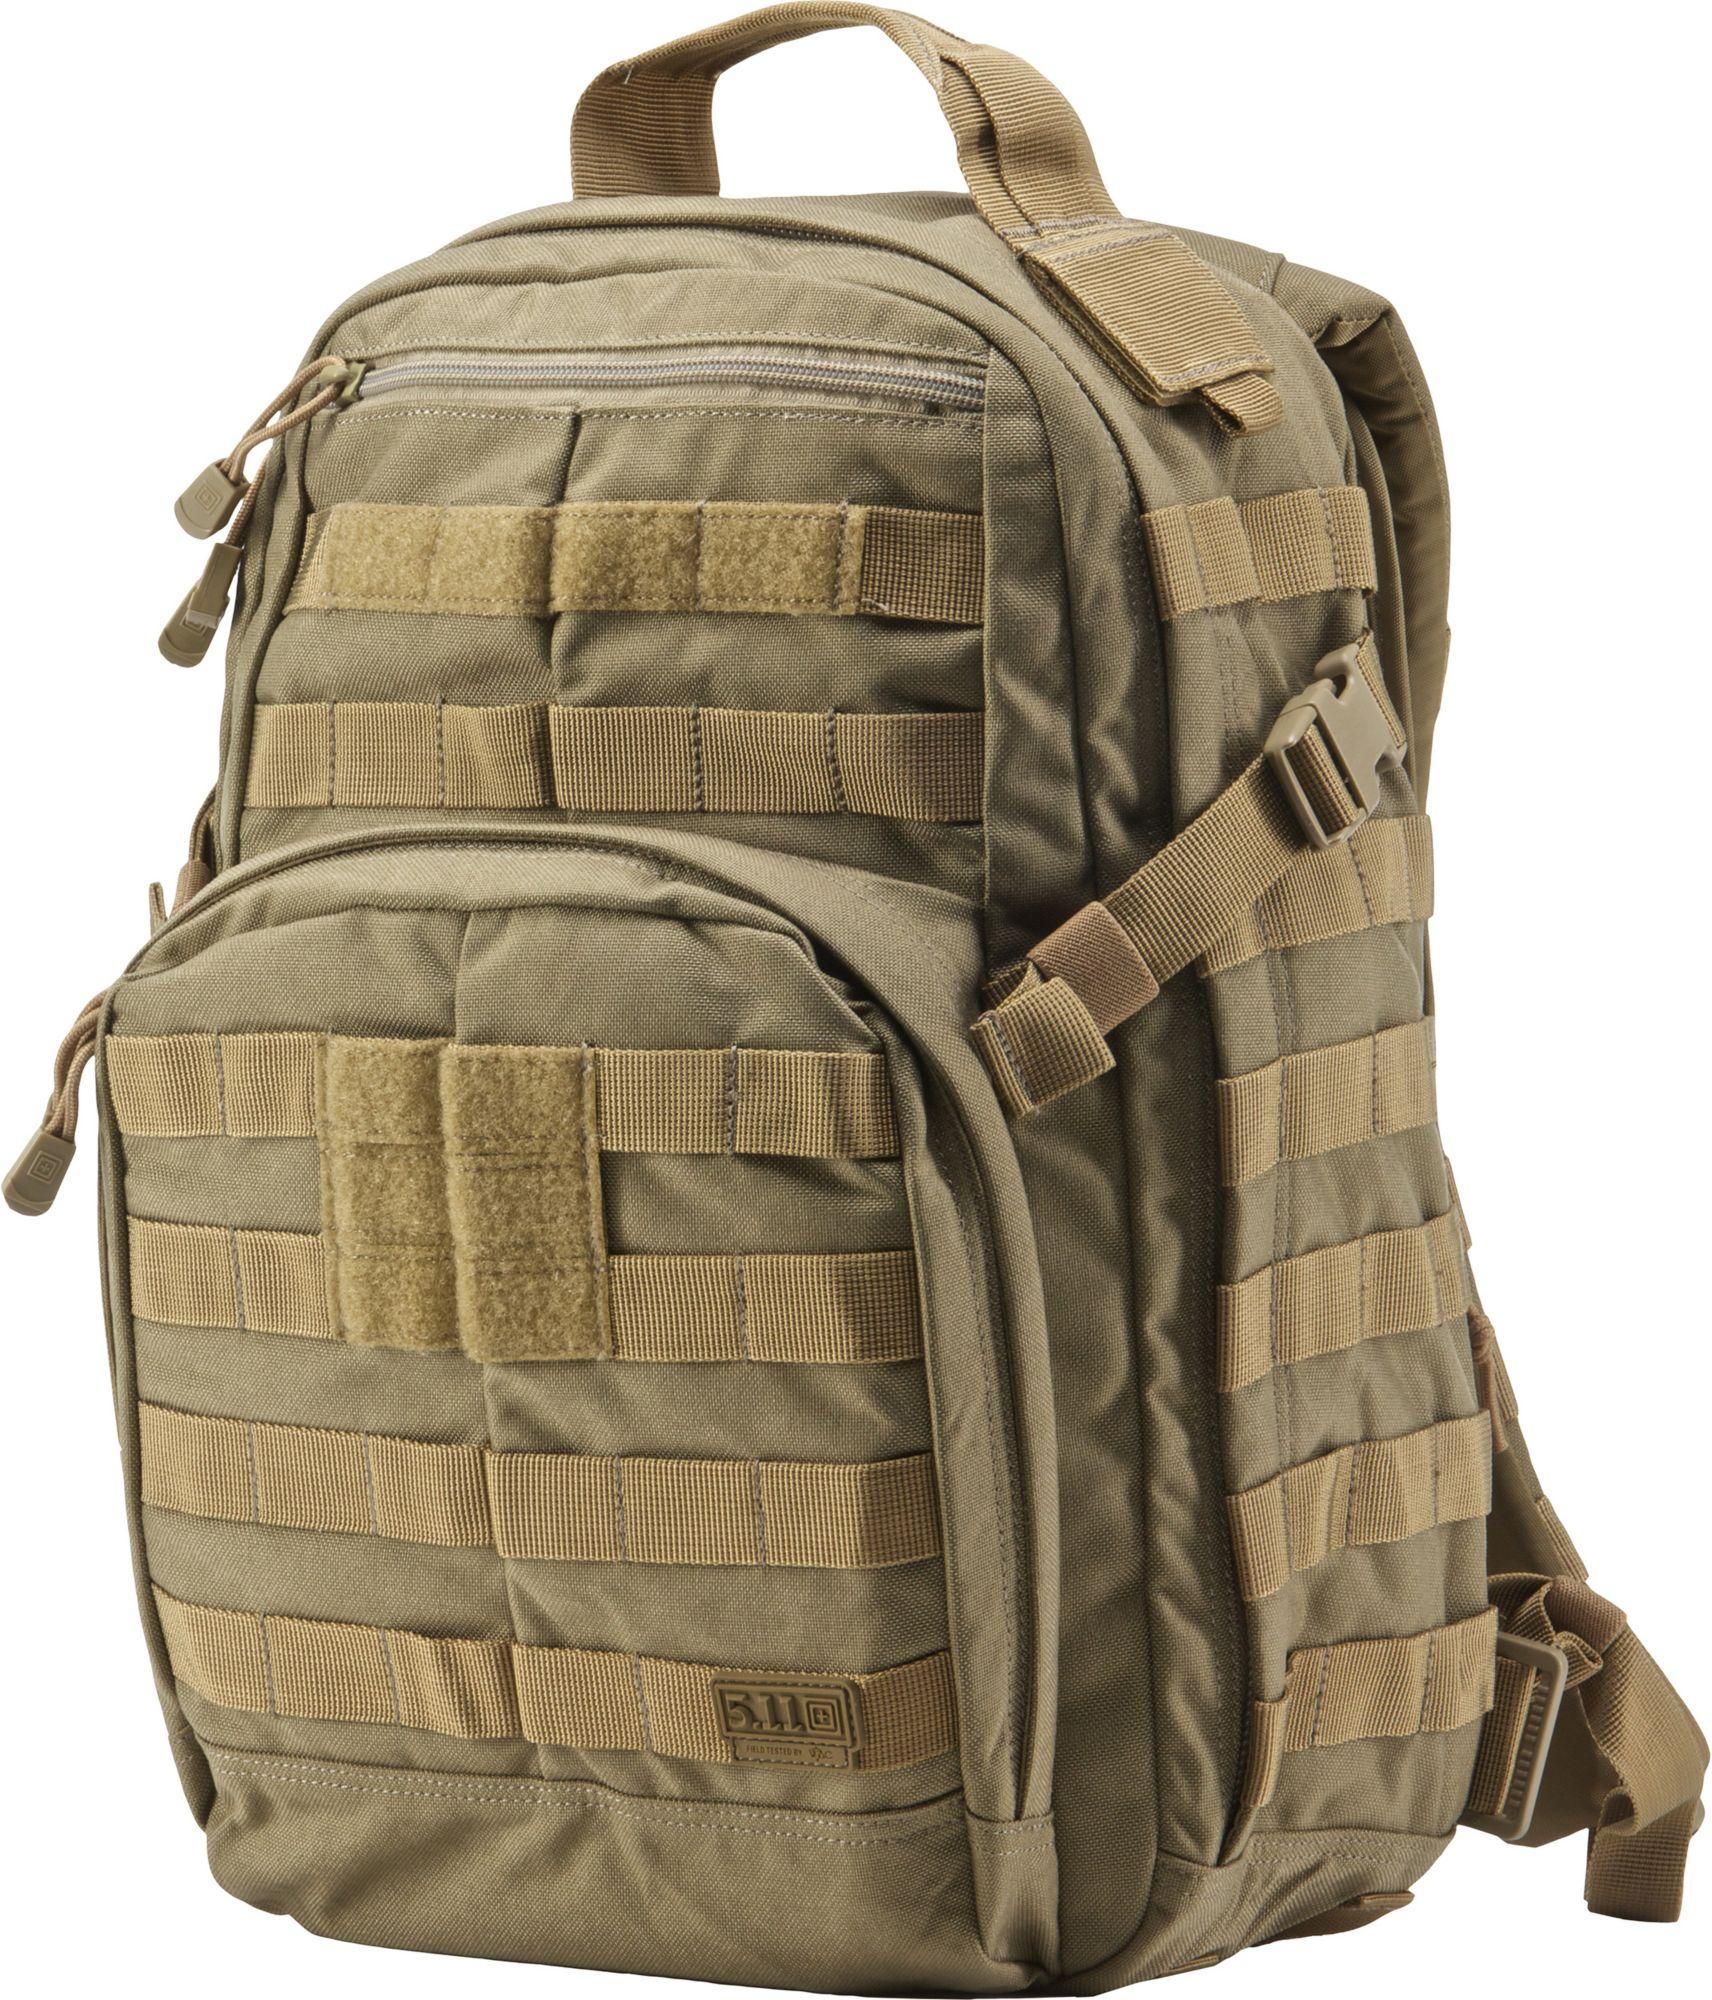 5.11 Tactical Rush 12 Backpack, Tan